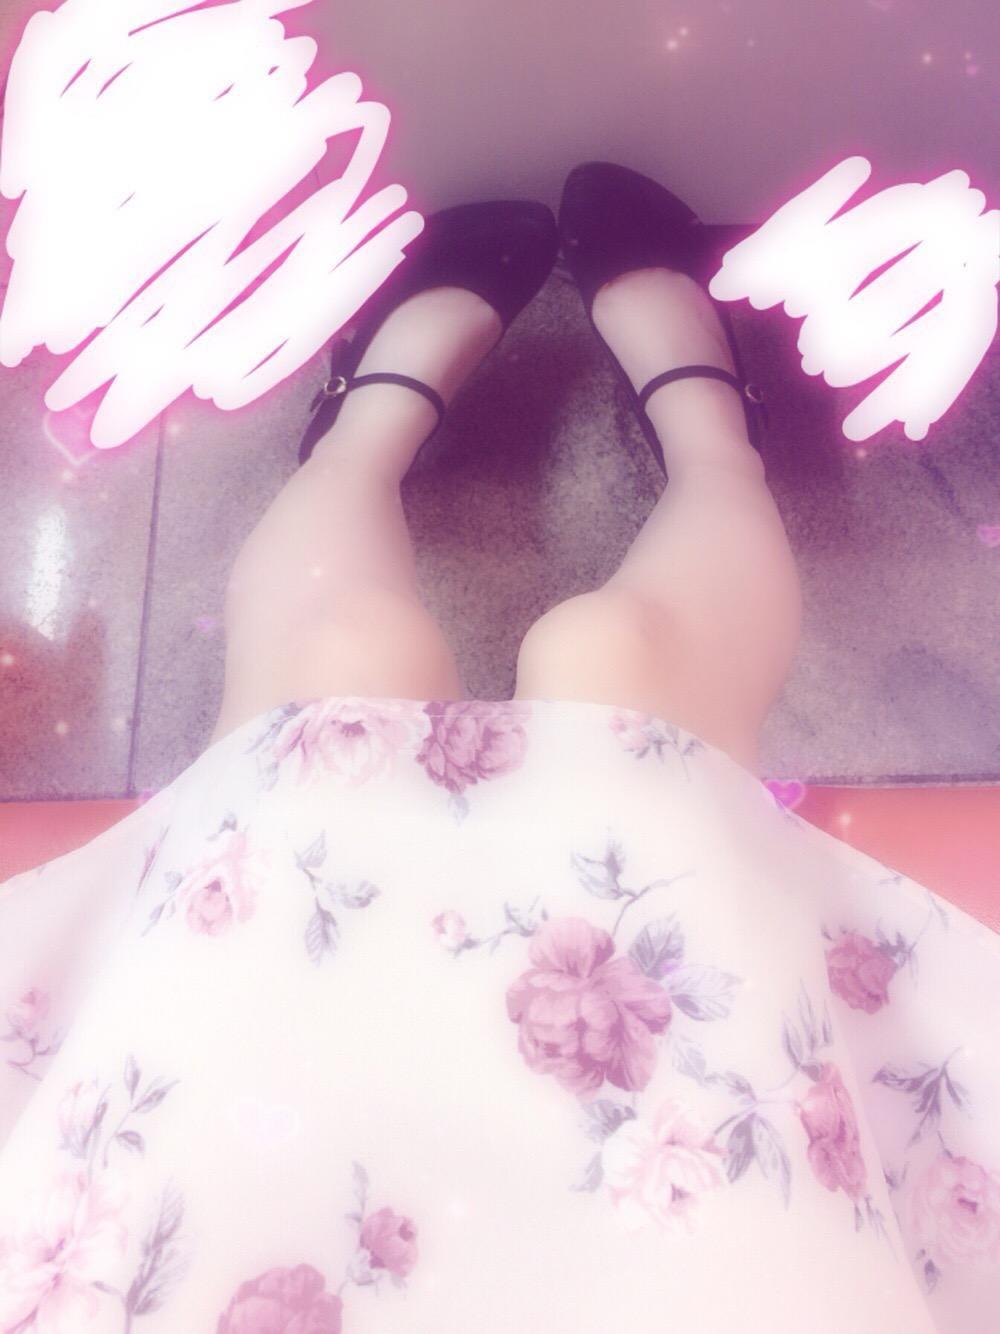 「ななせです(⑉• •⑉)」06/02(土) 22:44 | ななせの写メ・風俗動画